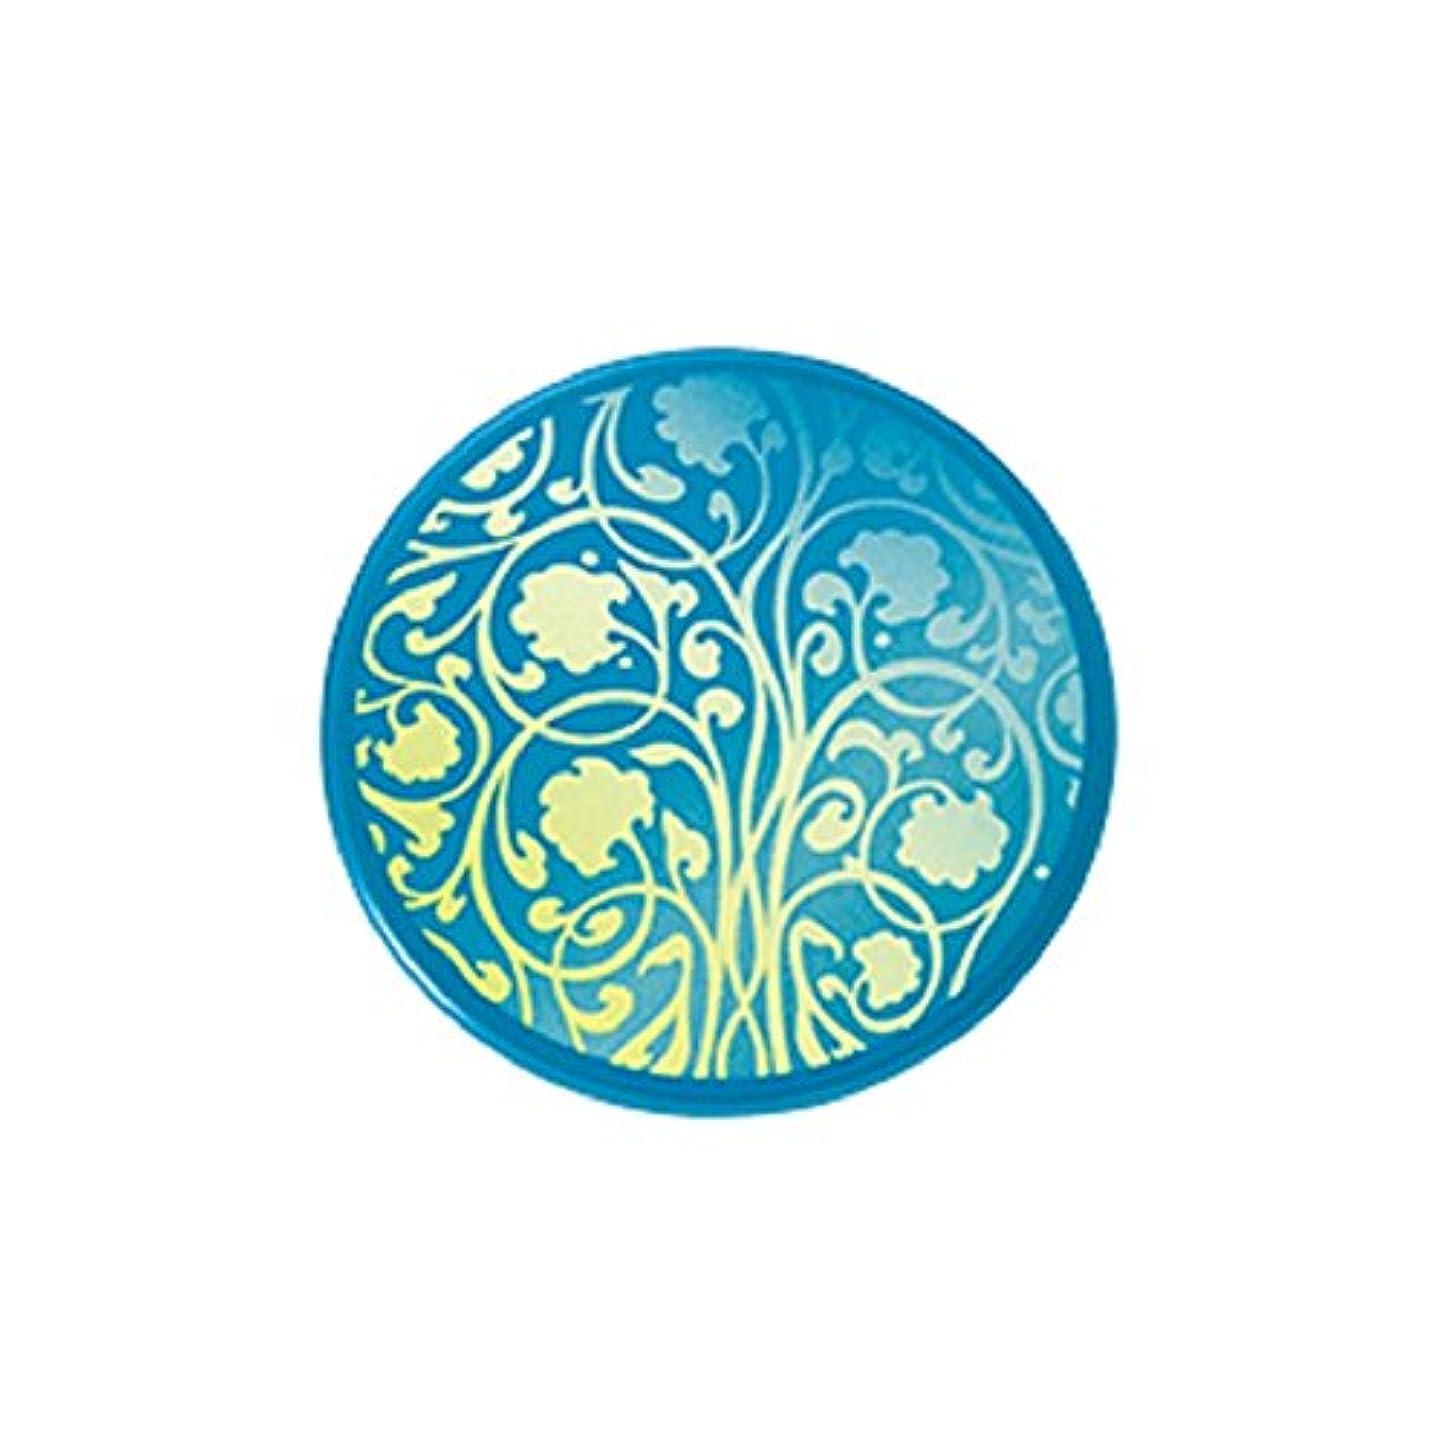 成功自動消化アユーラ (AYURA) ウェルフィット アロマバーム 14g 〈ソリッドパヒューム〉 心地よい森林の香気